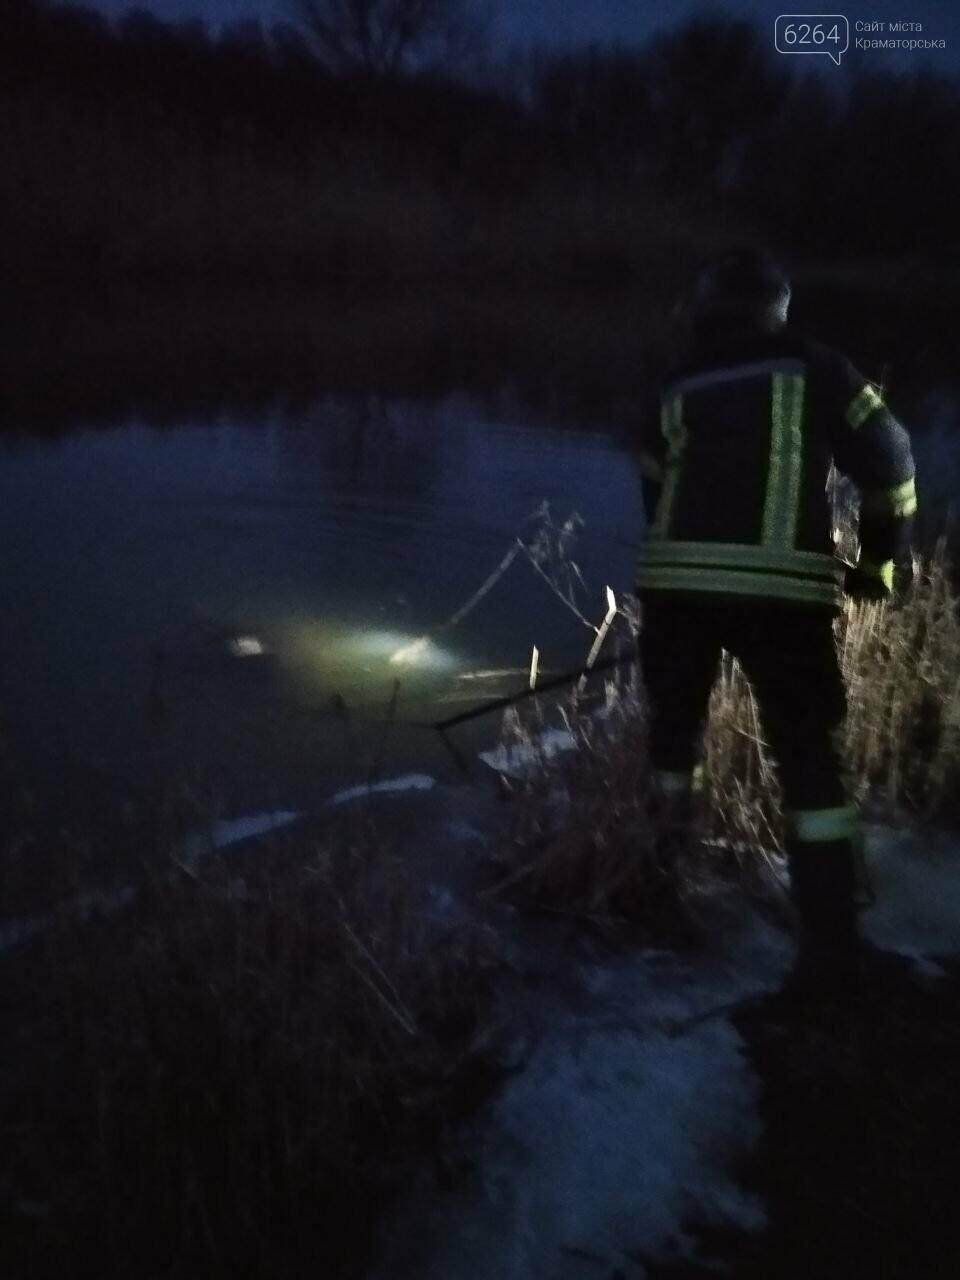 В Краматорске из реки Казенный Торец извлекли тело утонувшего мужчины, фото-1